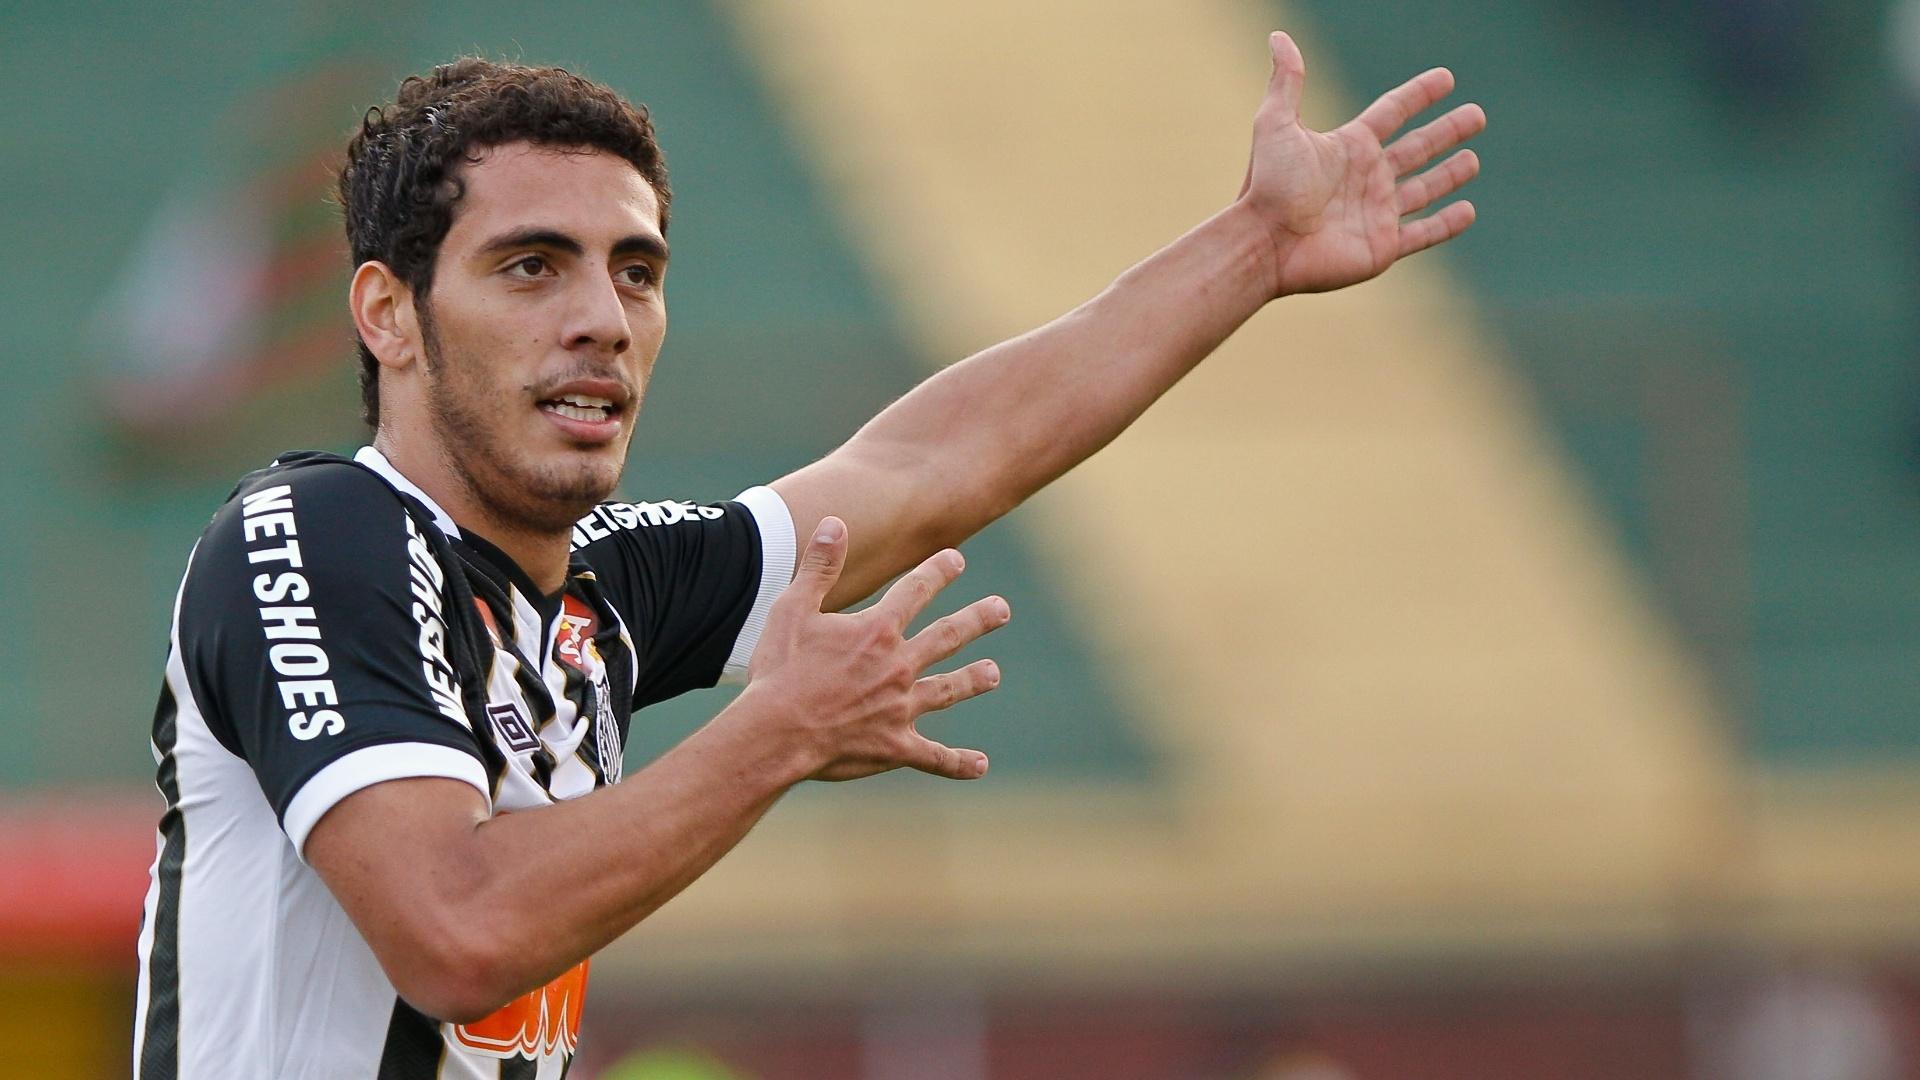 Dimba marcou o segundo gol do Santos após boa jogada de Felipe Anderson